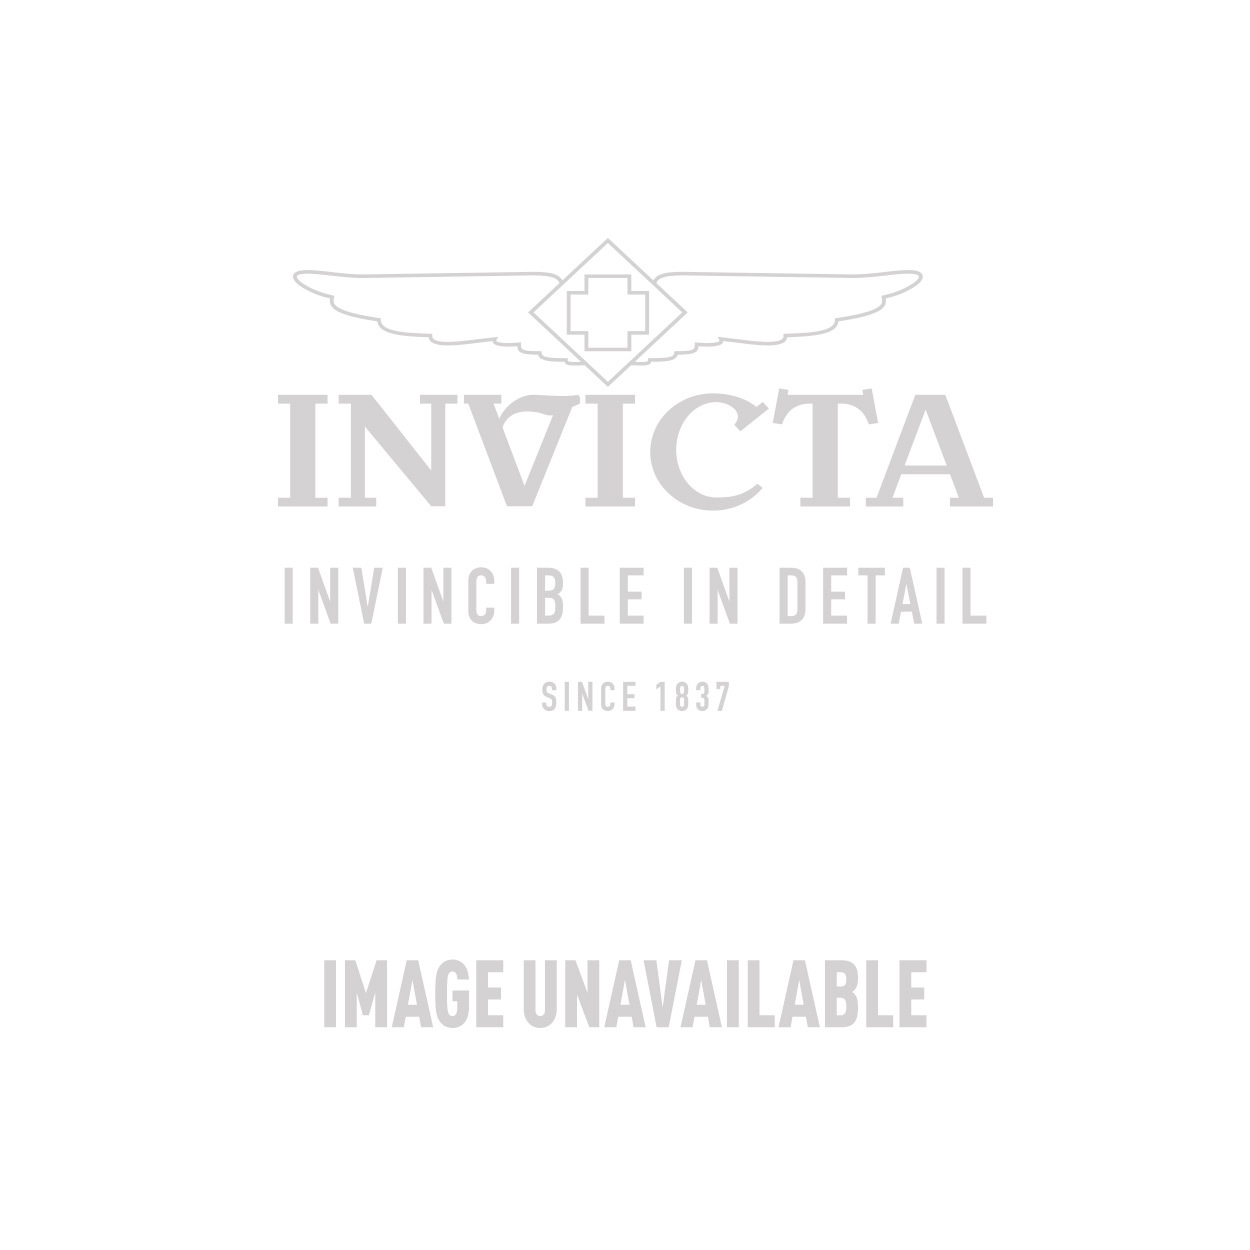 Invicta Model 29373